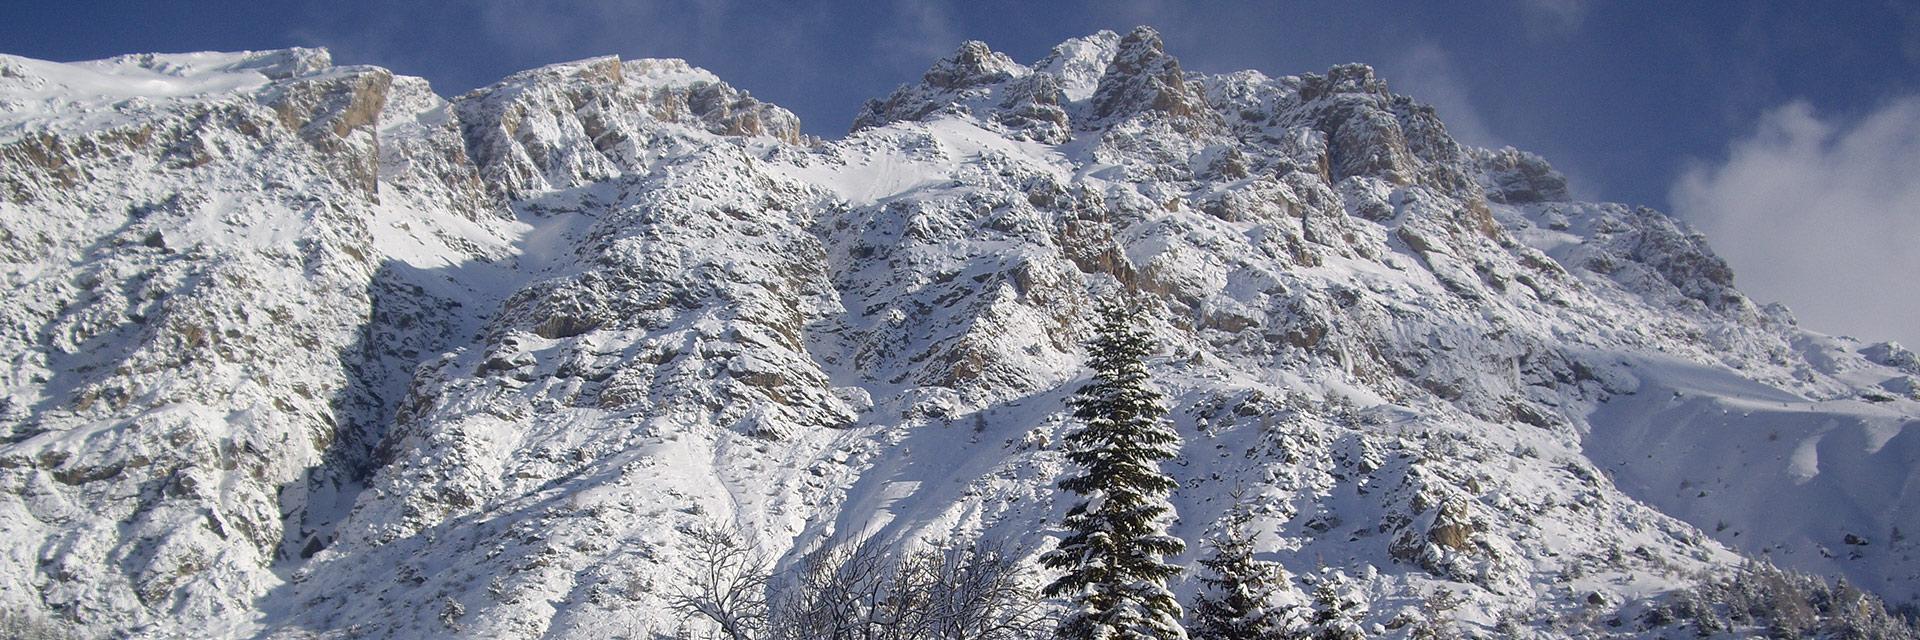 village-vacances-rechastel-slider-montagne-neige